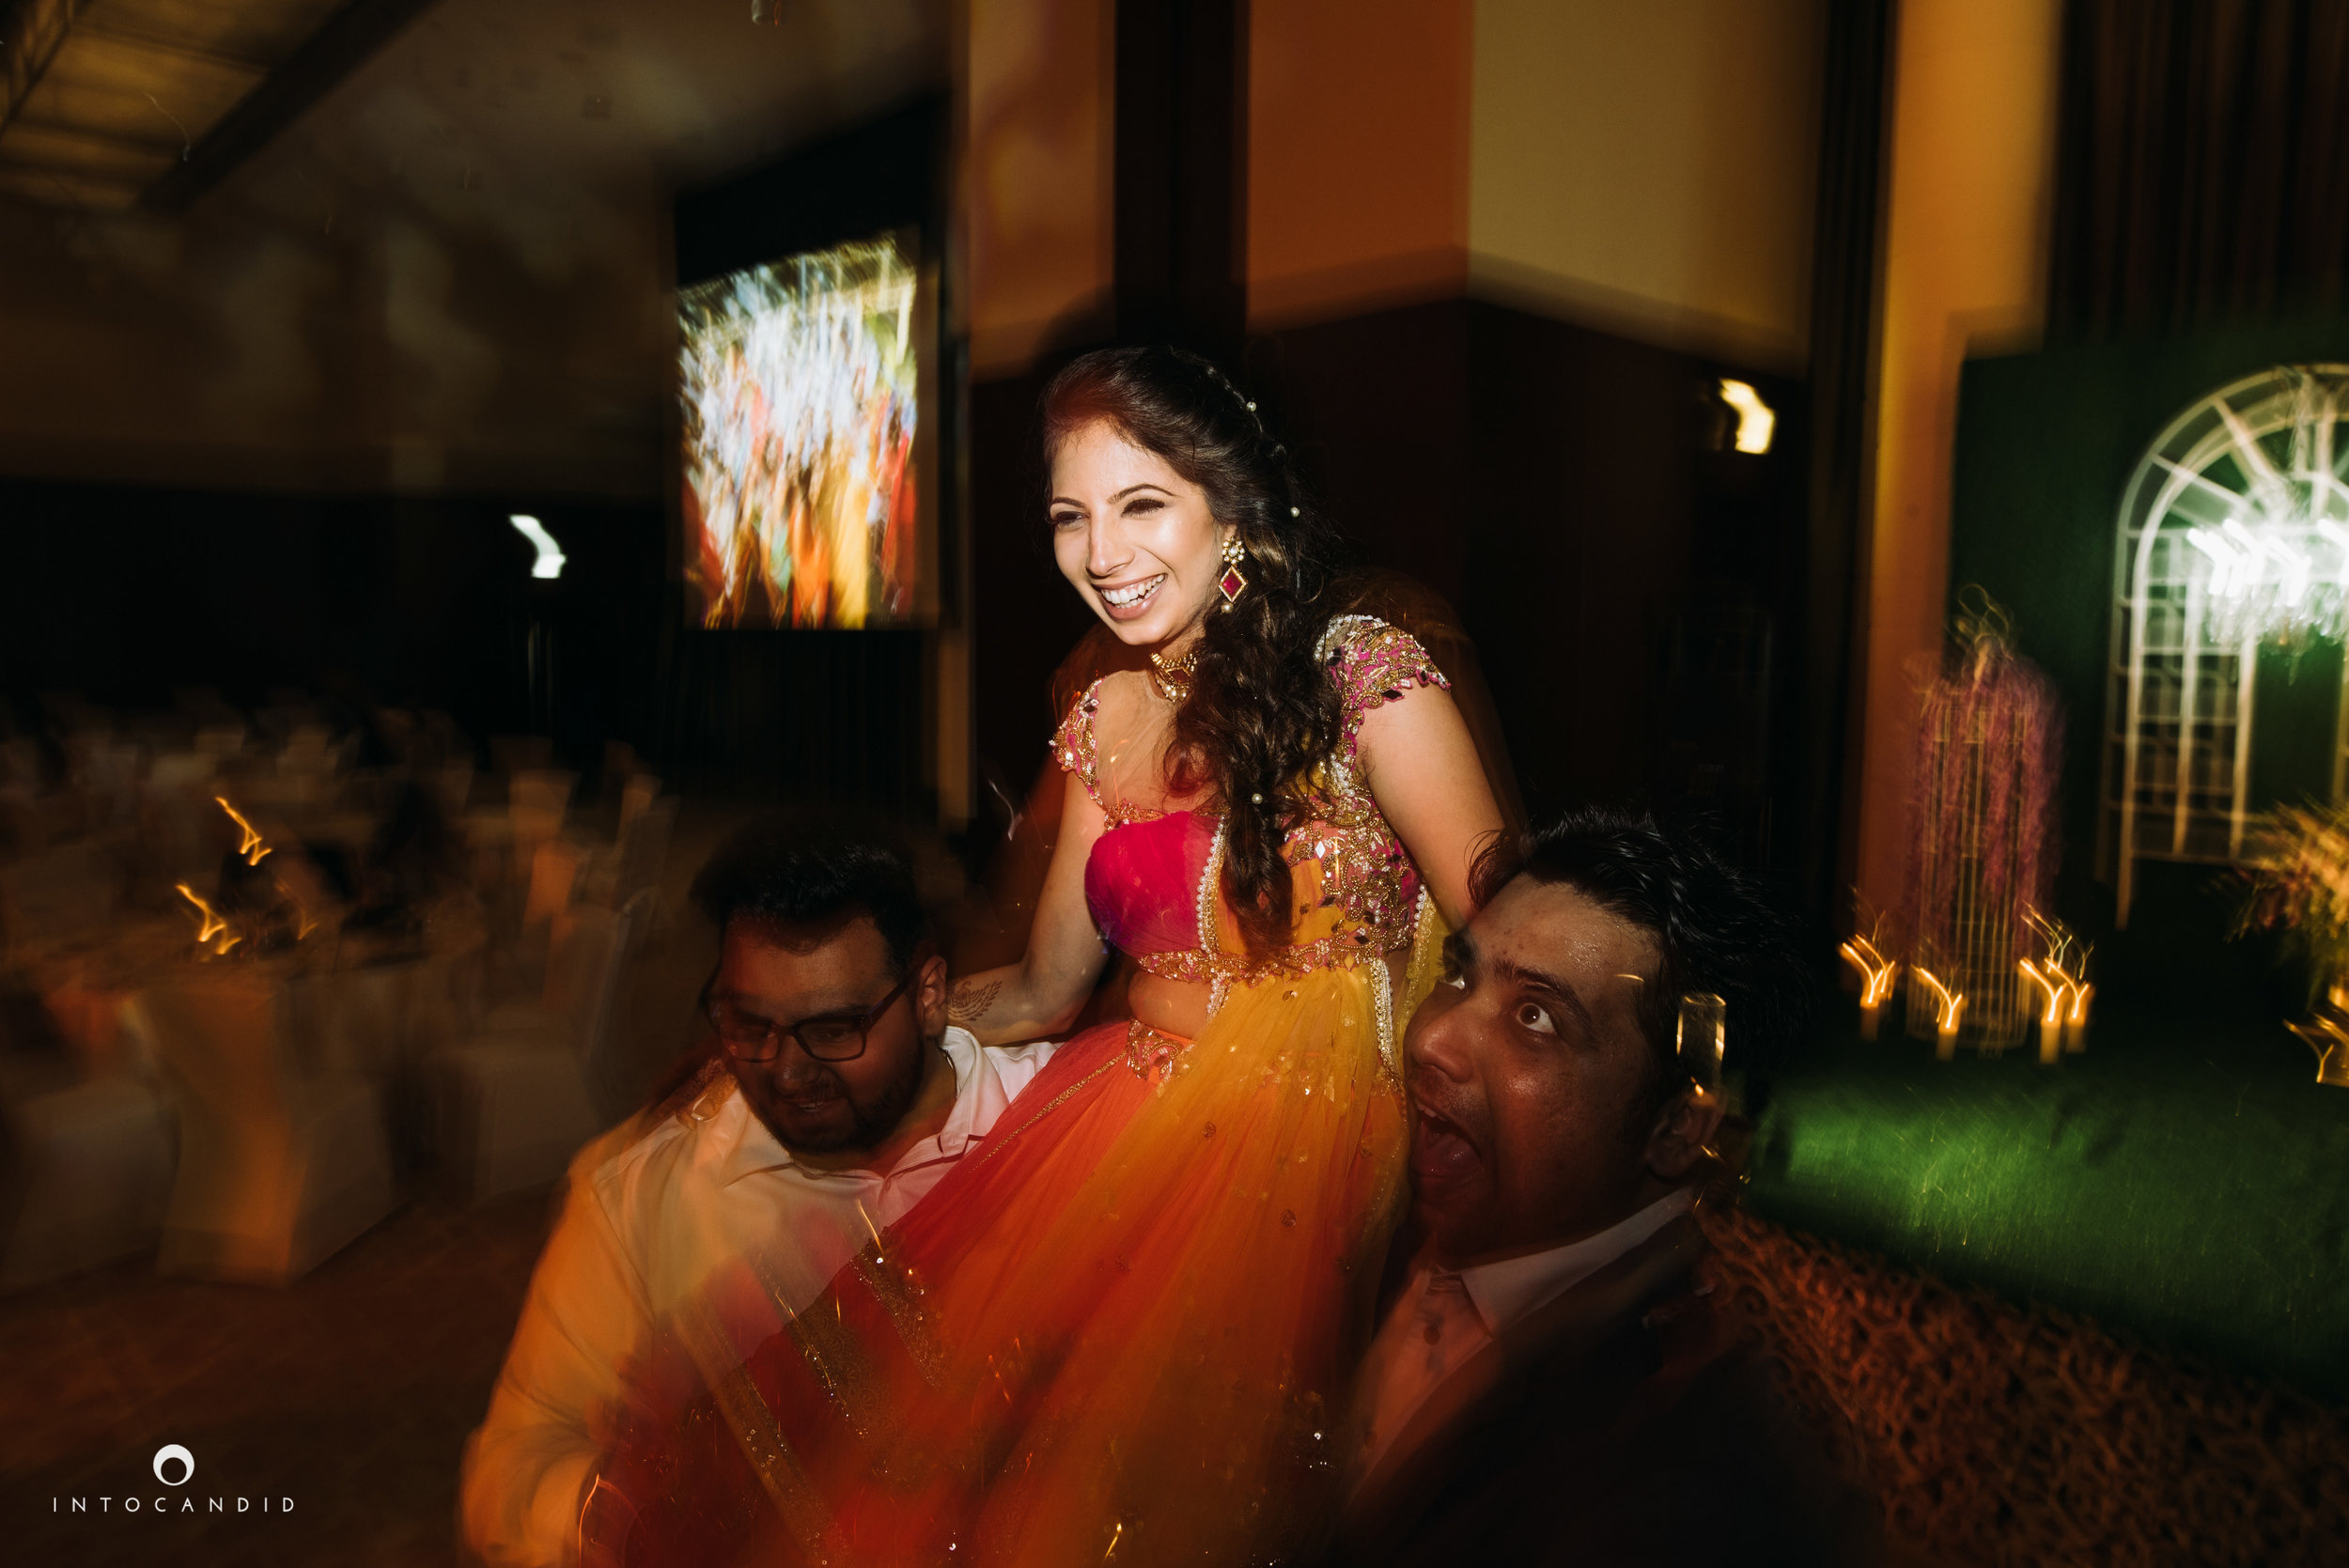 Dubai_Wedding_Photographer_89.JPG